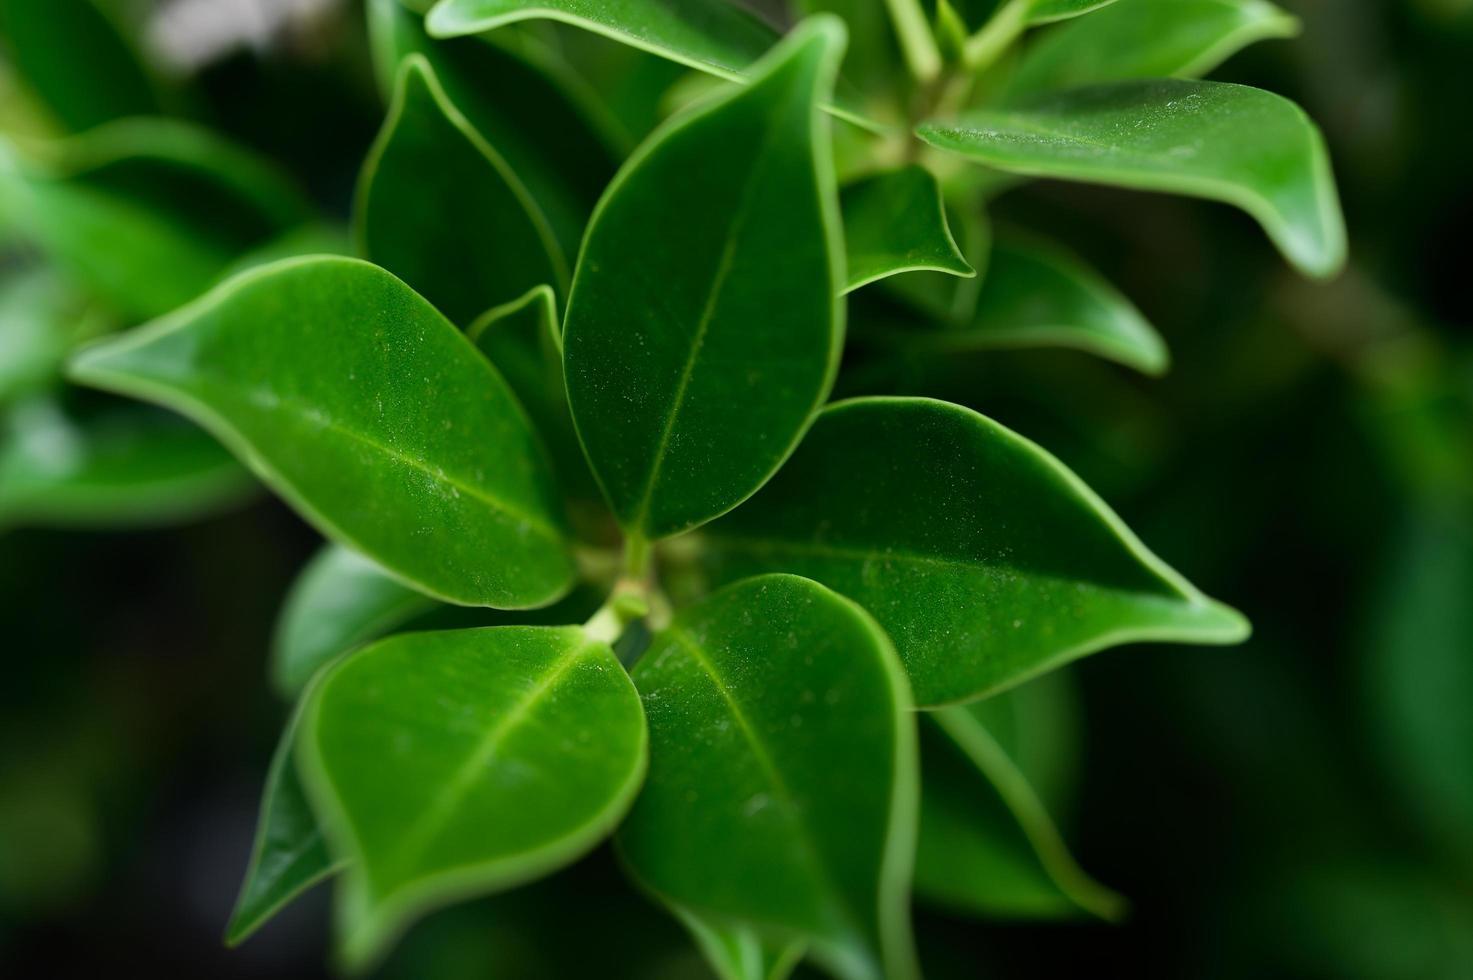 hojas de color verde oscuro para el fondo foto